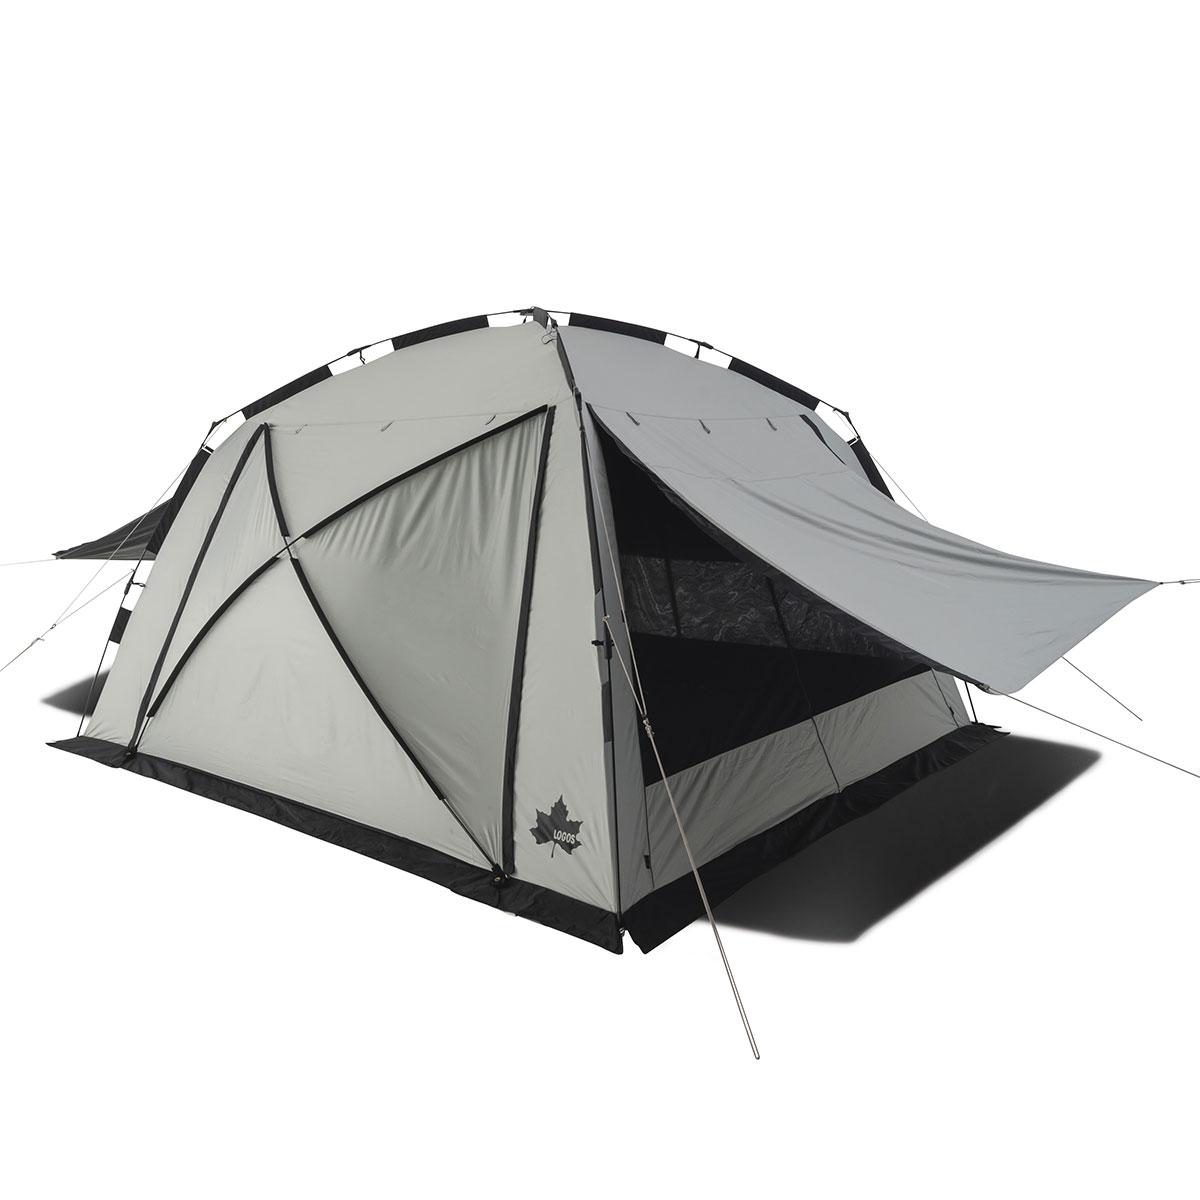 ロゴス(LOGOS) タープ クイック デビルブロックスクリーン 3535-BJ 71459308 テント キャンプ アウトドア